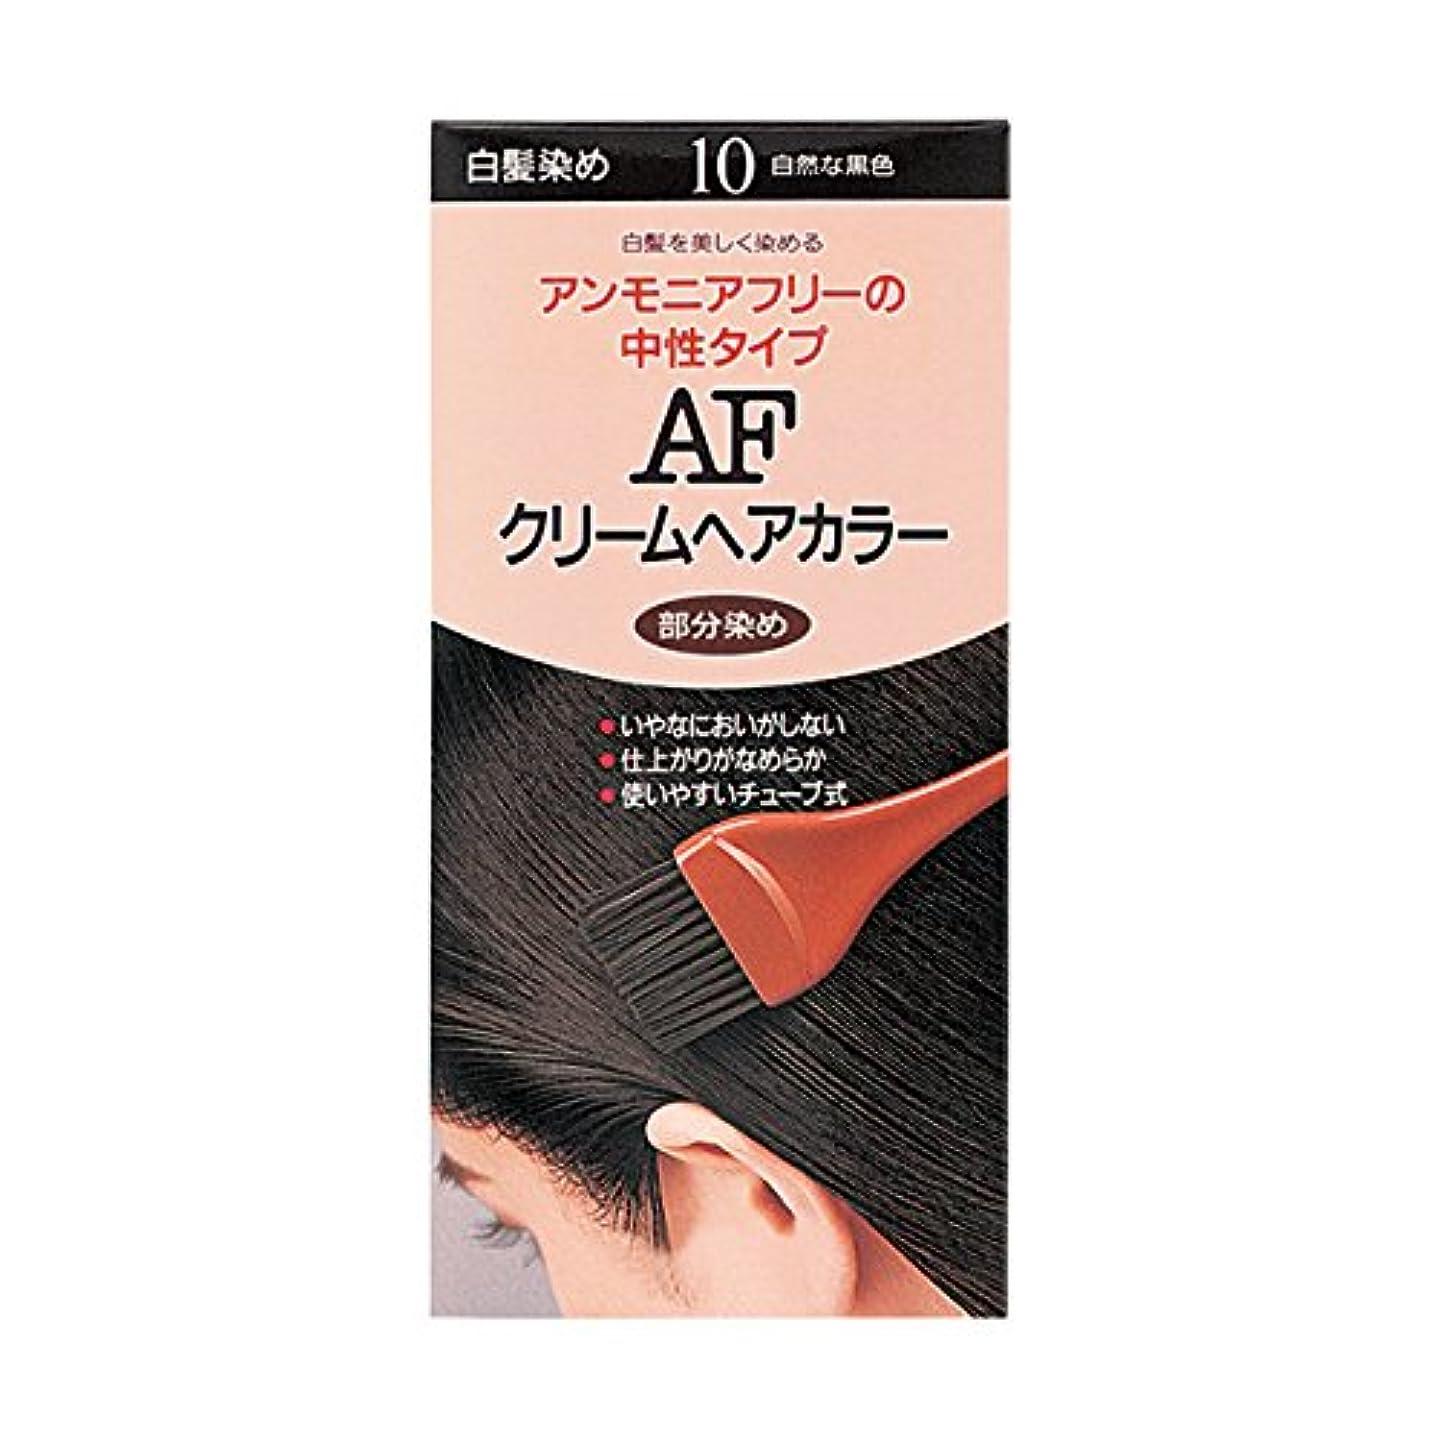 畝間車両放棄するヘアカラー AFクリームヘアカラー 10 【医薬部外品】